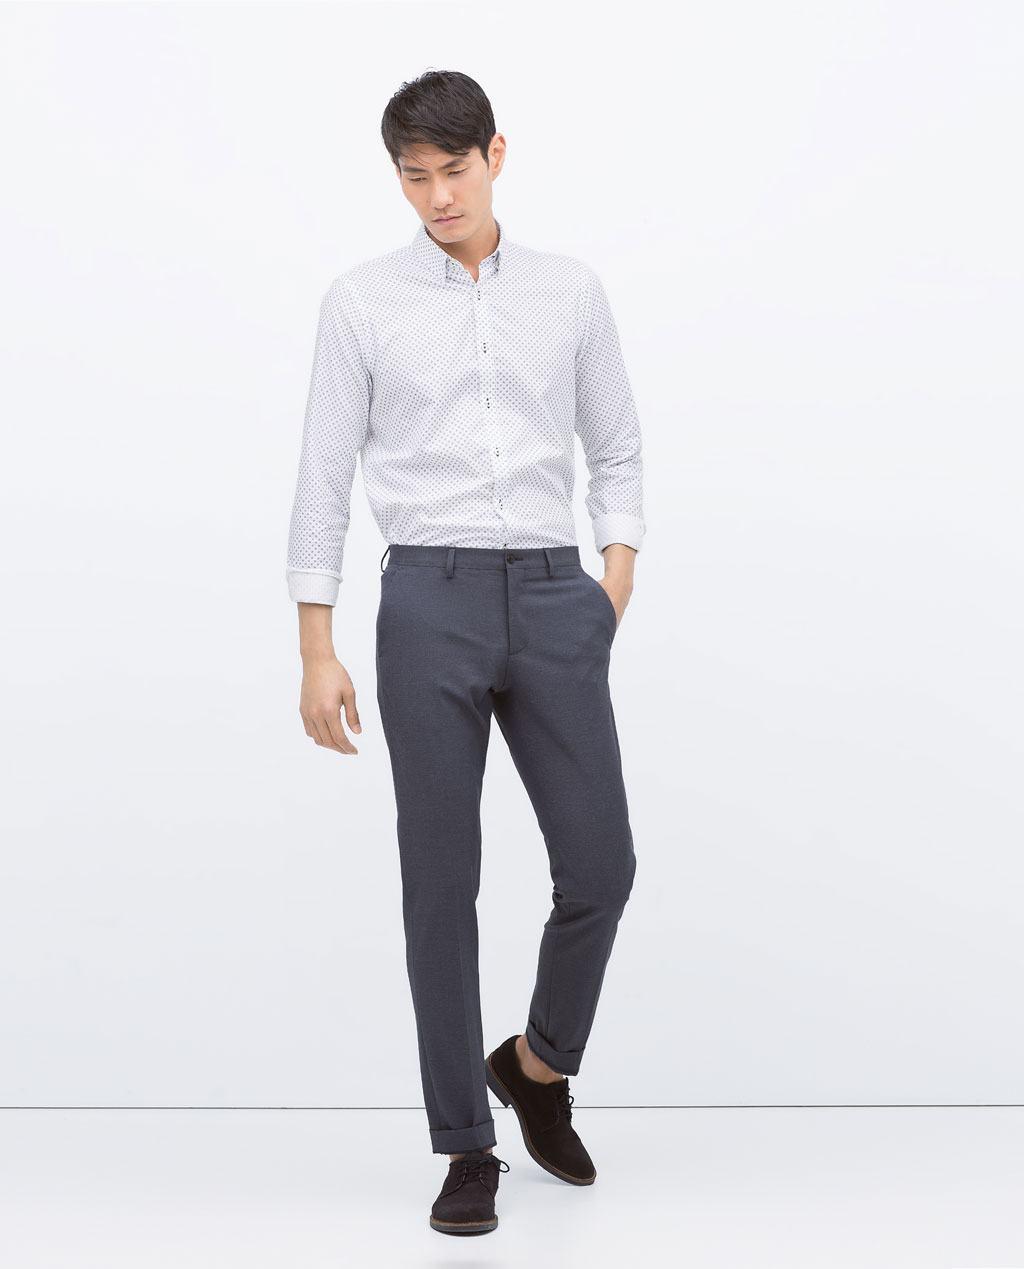 C mo combinar bien los colores de la ropa de hombre en for Que color asociar con el gris claro